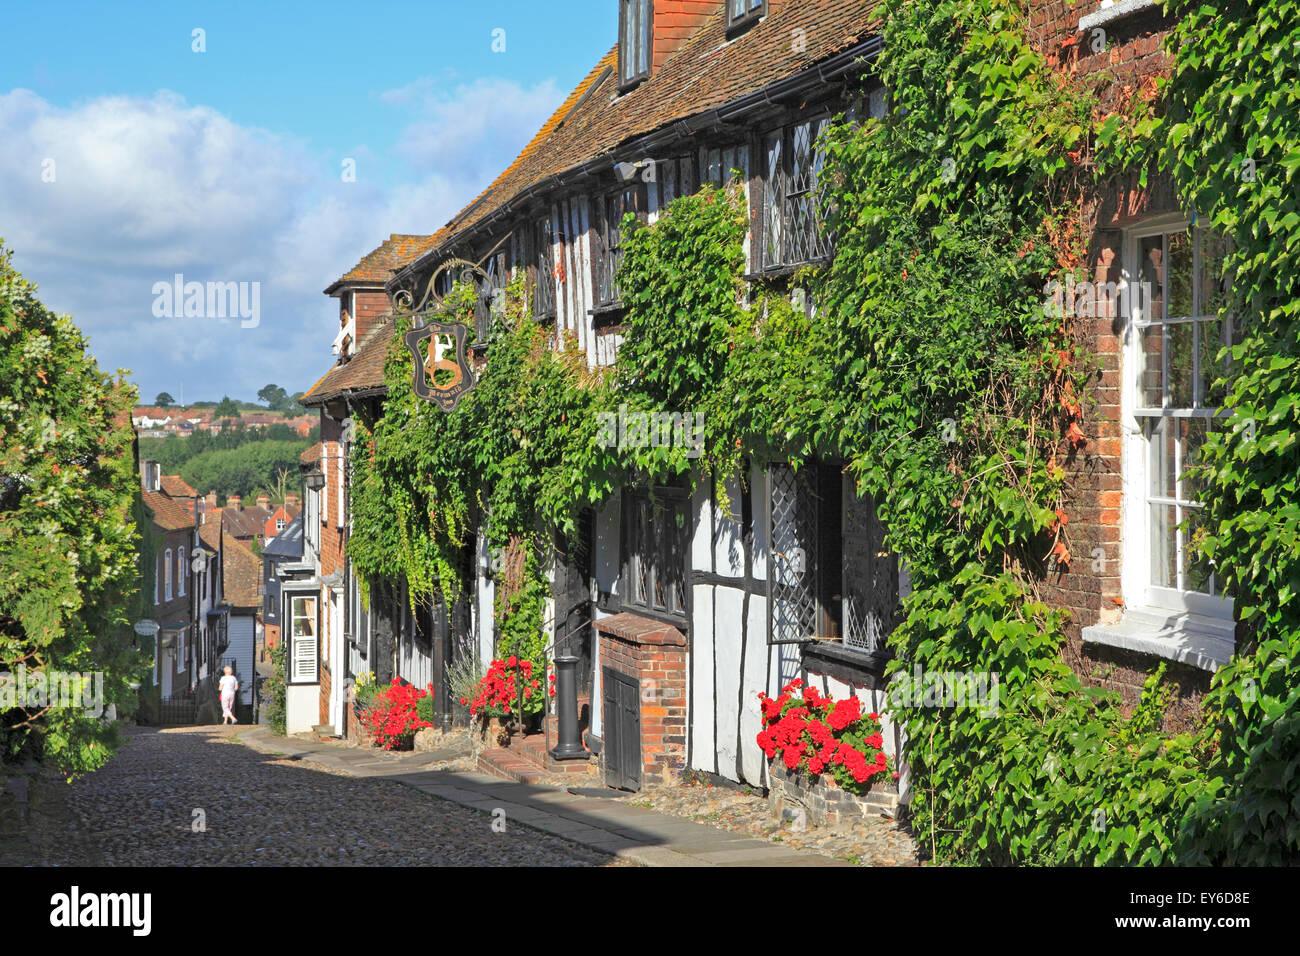 Le seigle, promenade Sussex. L'historique du 15ème siècle recouverte de lierre Mermaid Inn, associés Photo Stock